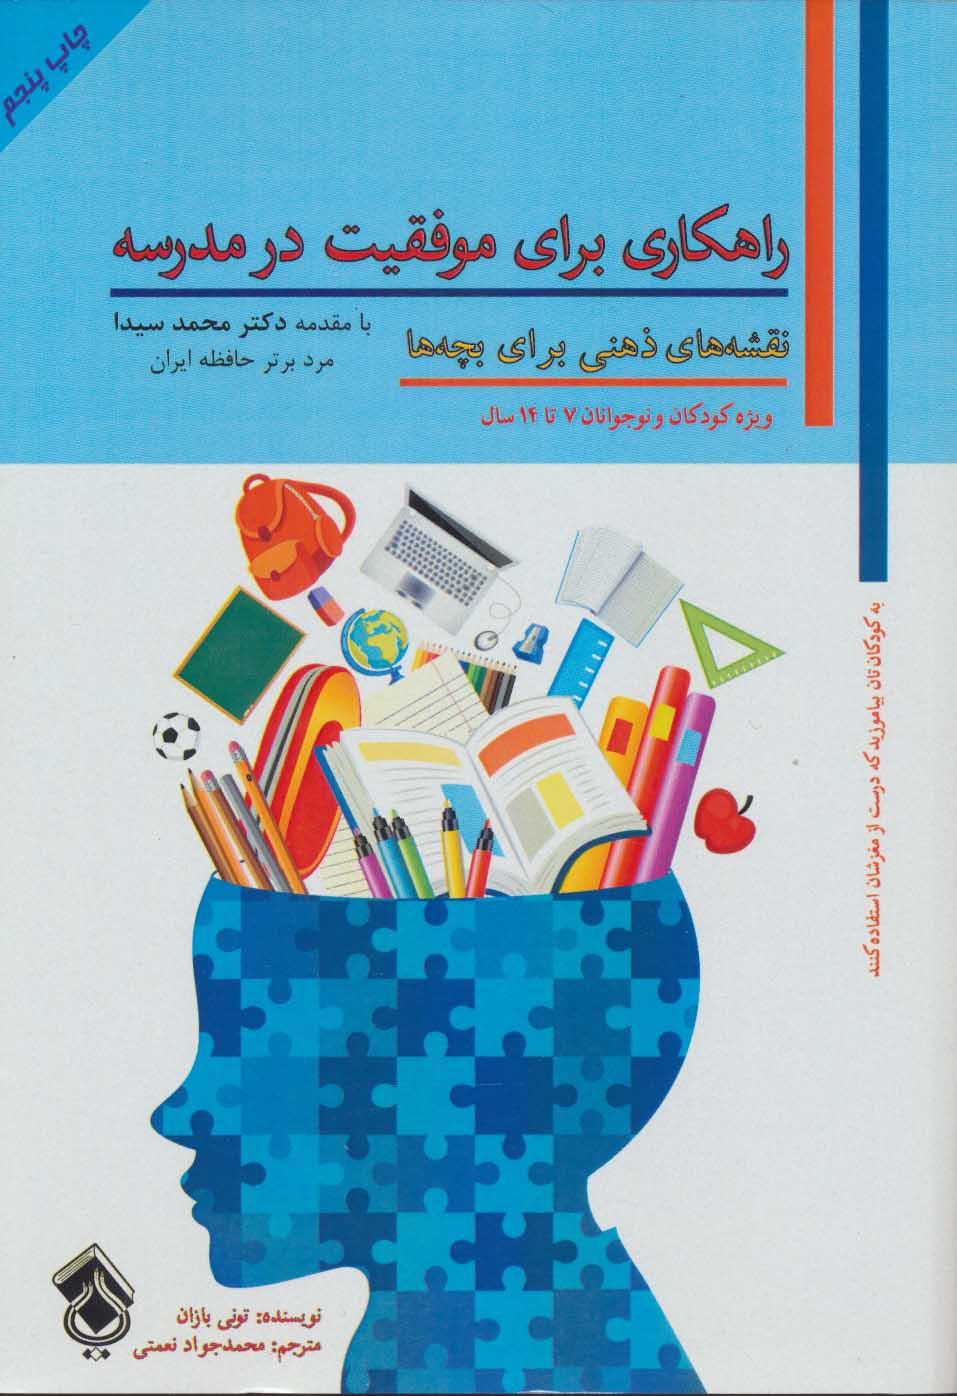 راهکاری برای موفقیت در مدرسه (نقشه های ذهنی برای بچه ها)